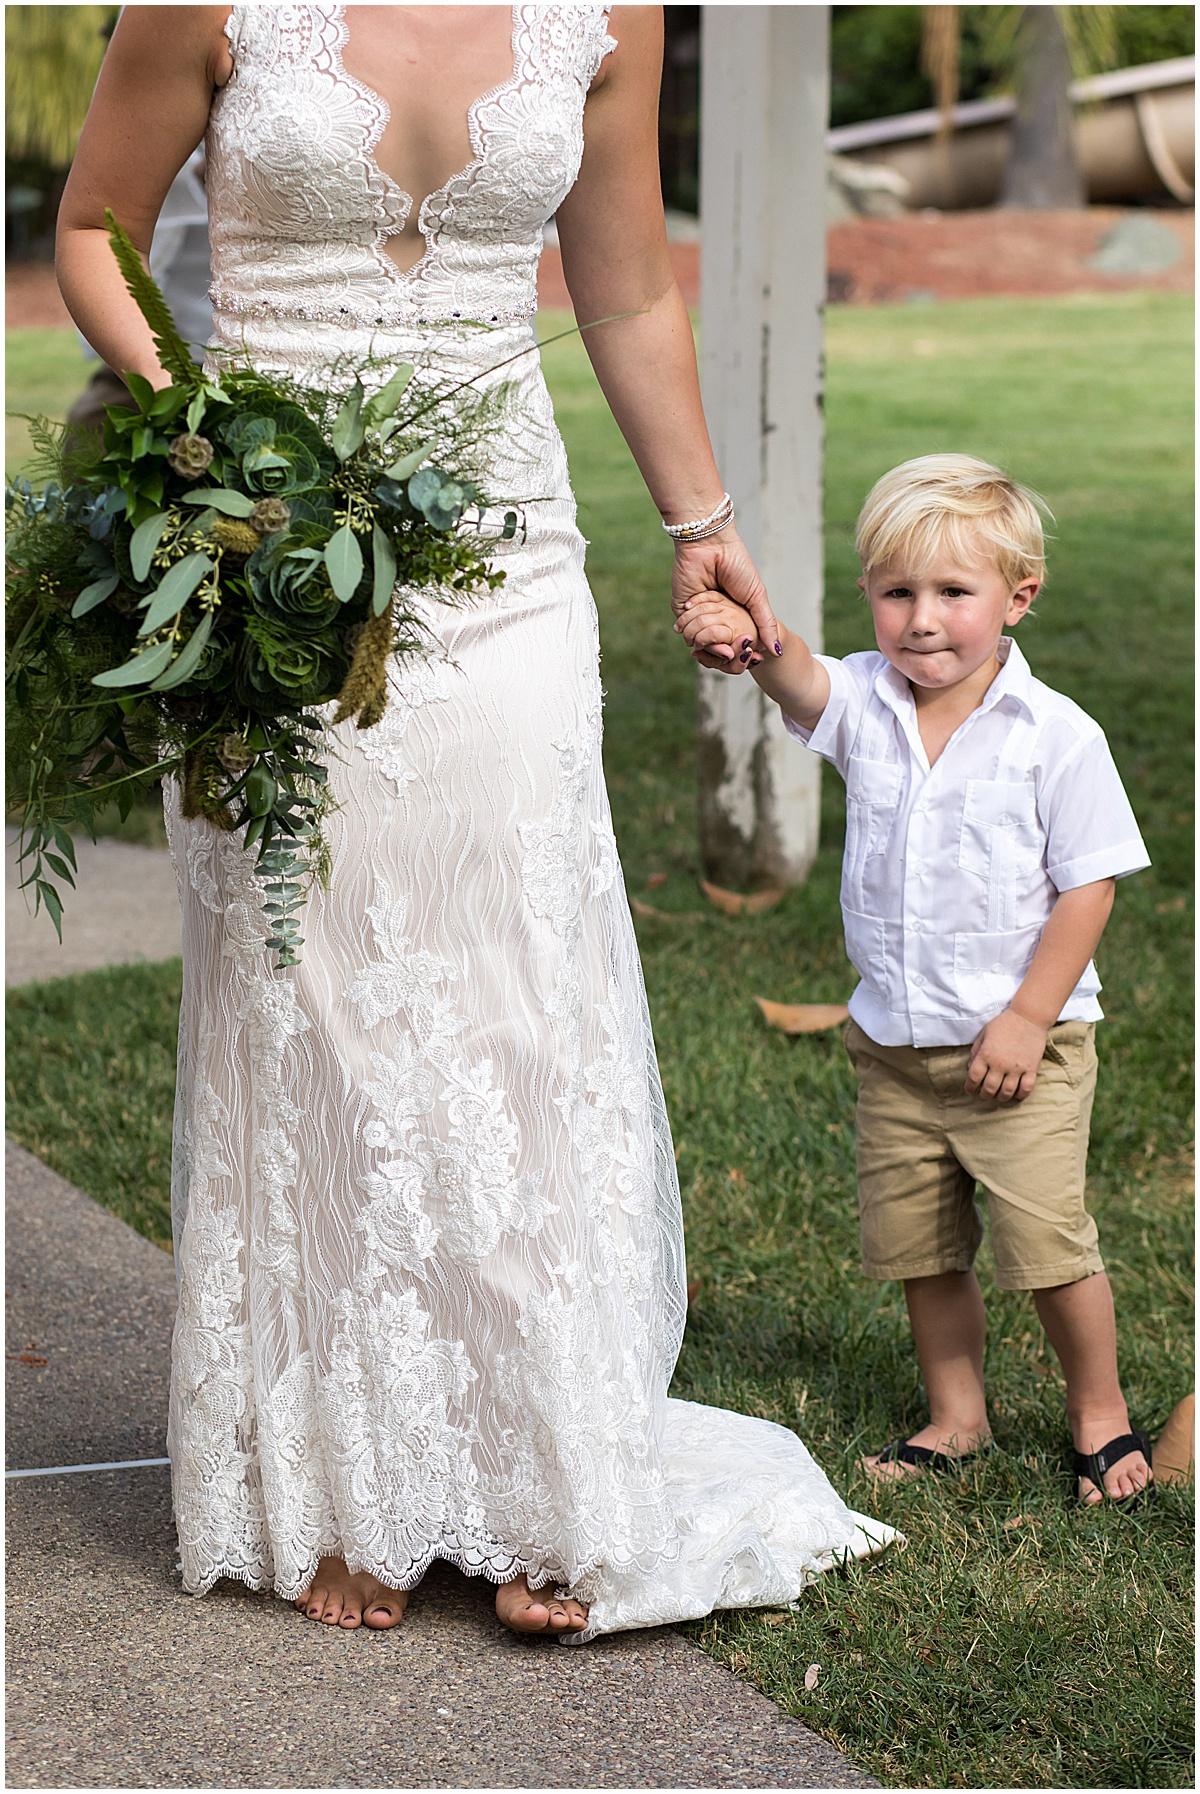 Morgan Hill Estate Botanical Wedding | Brina and Andy050